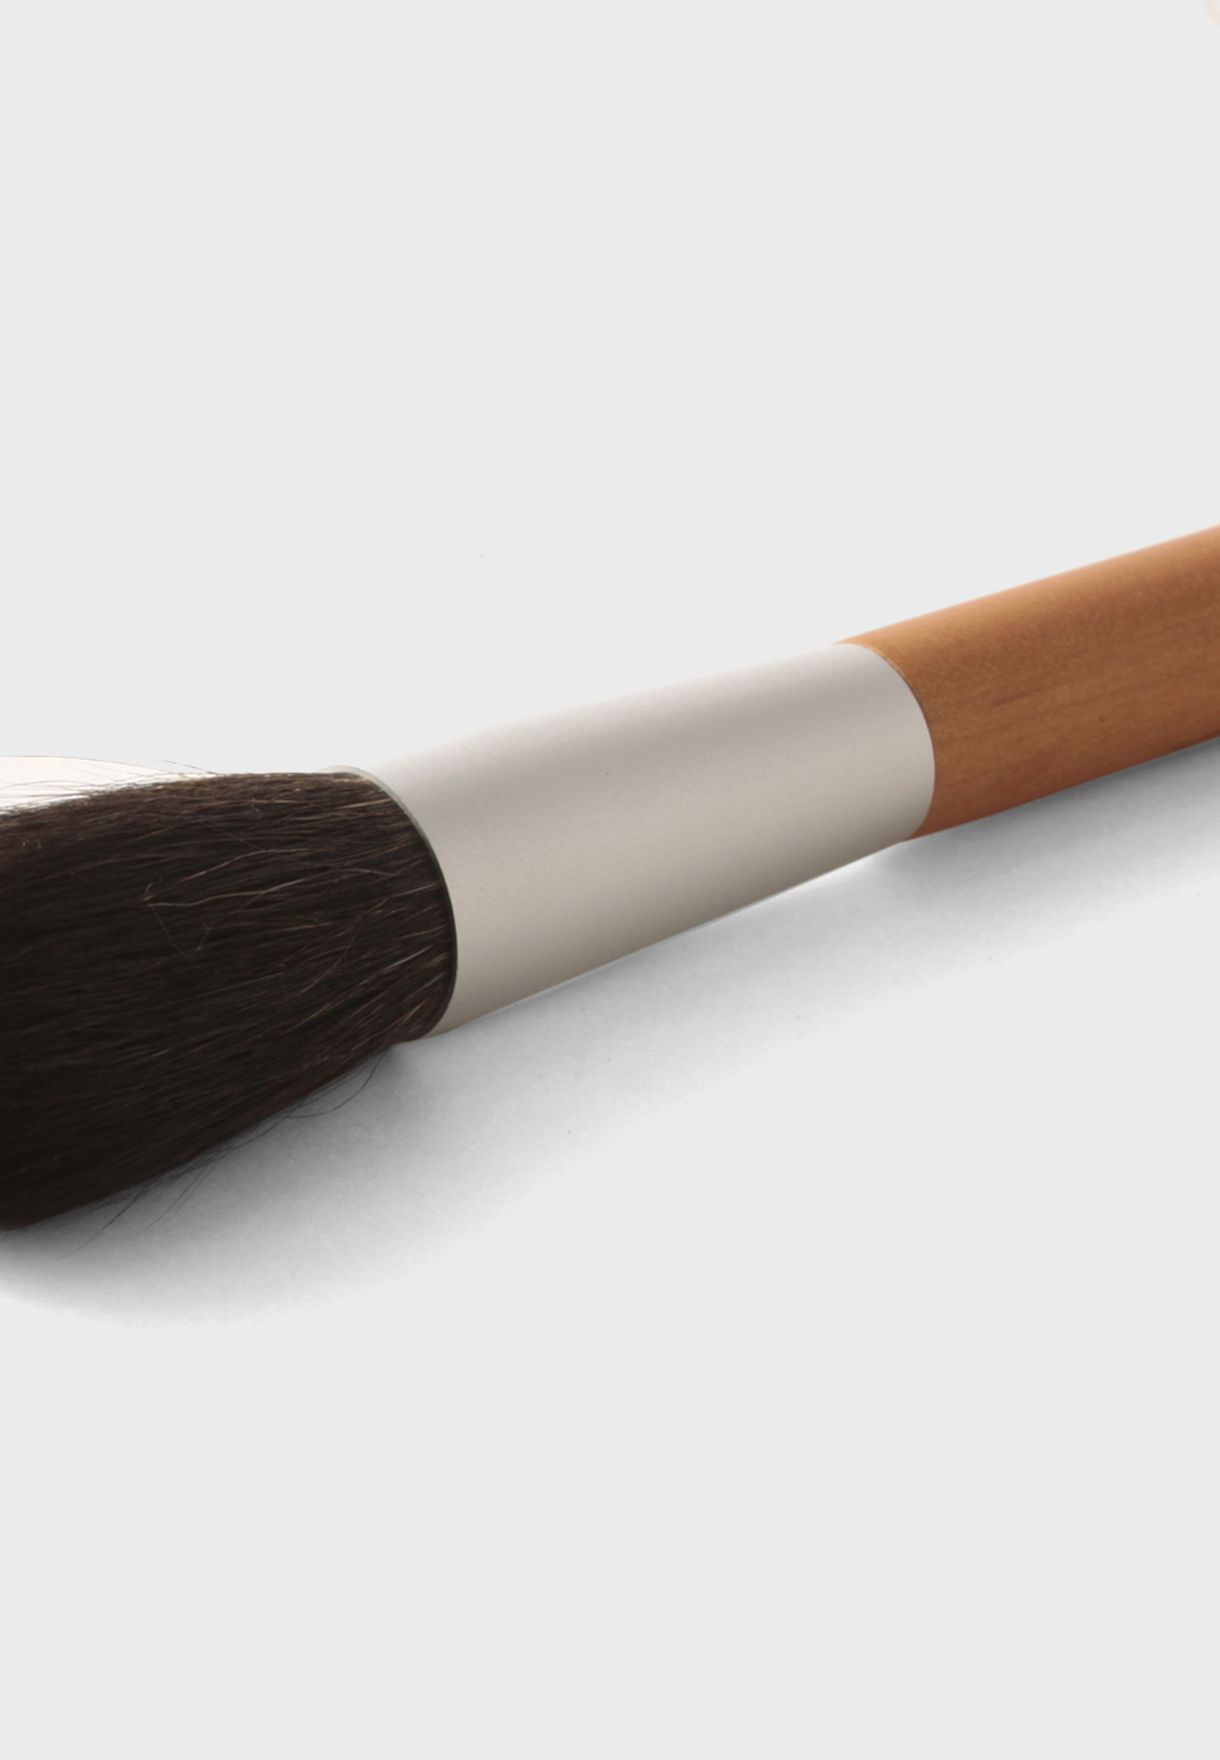 Face Brush - 146Mm